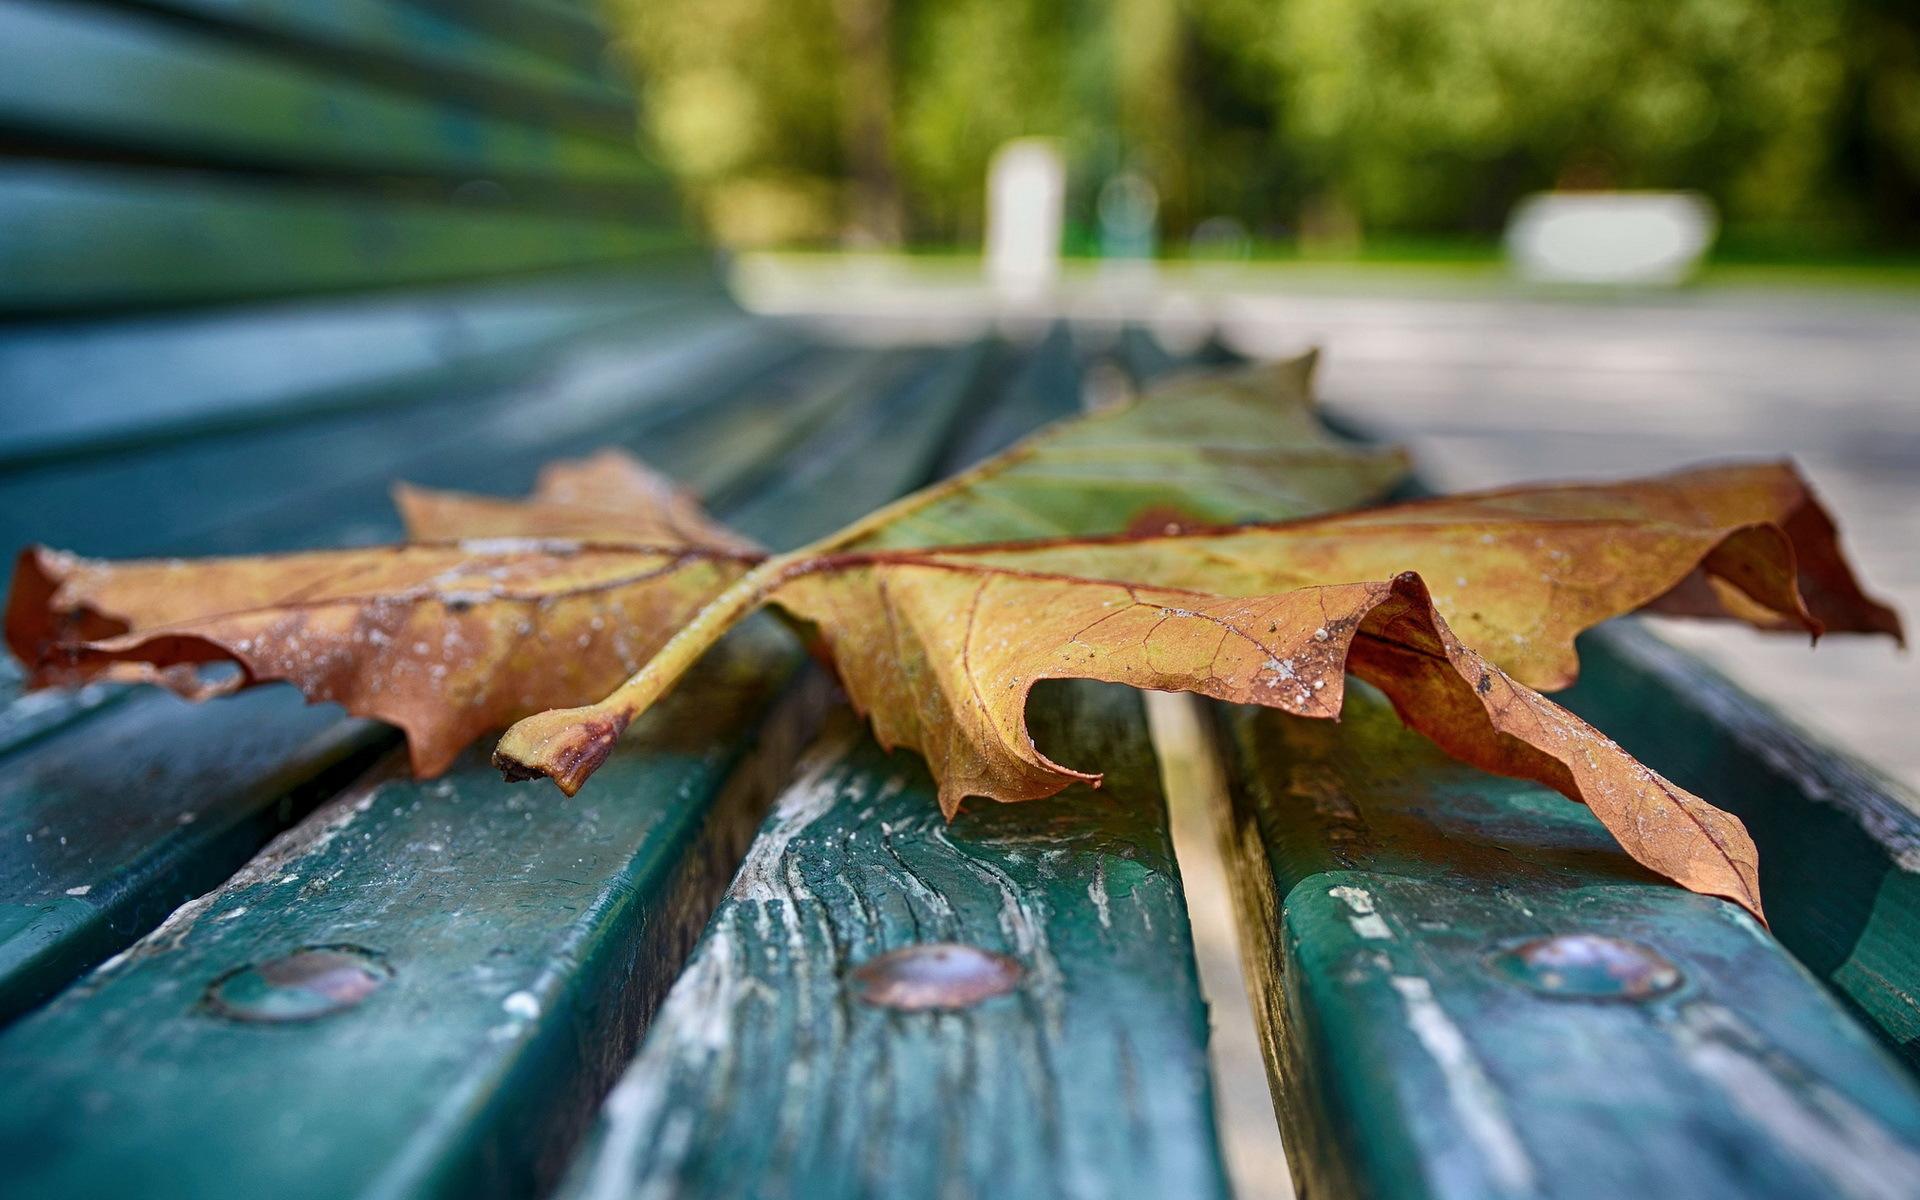 Осень листья лавка стол  № 3187392 без смс